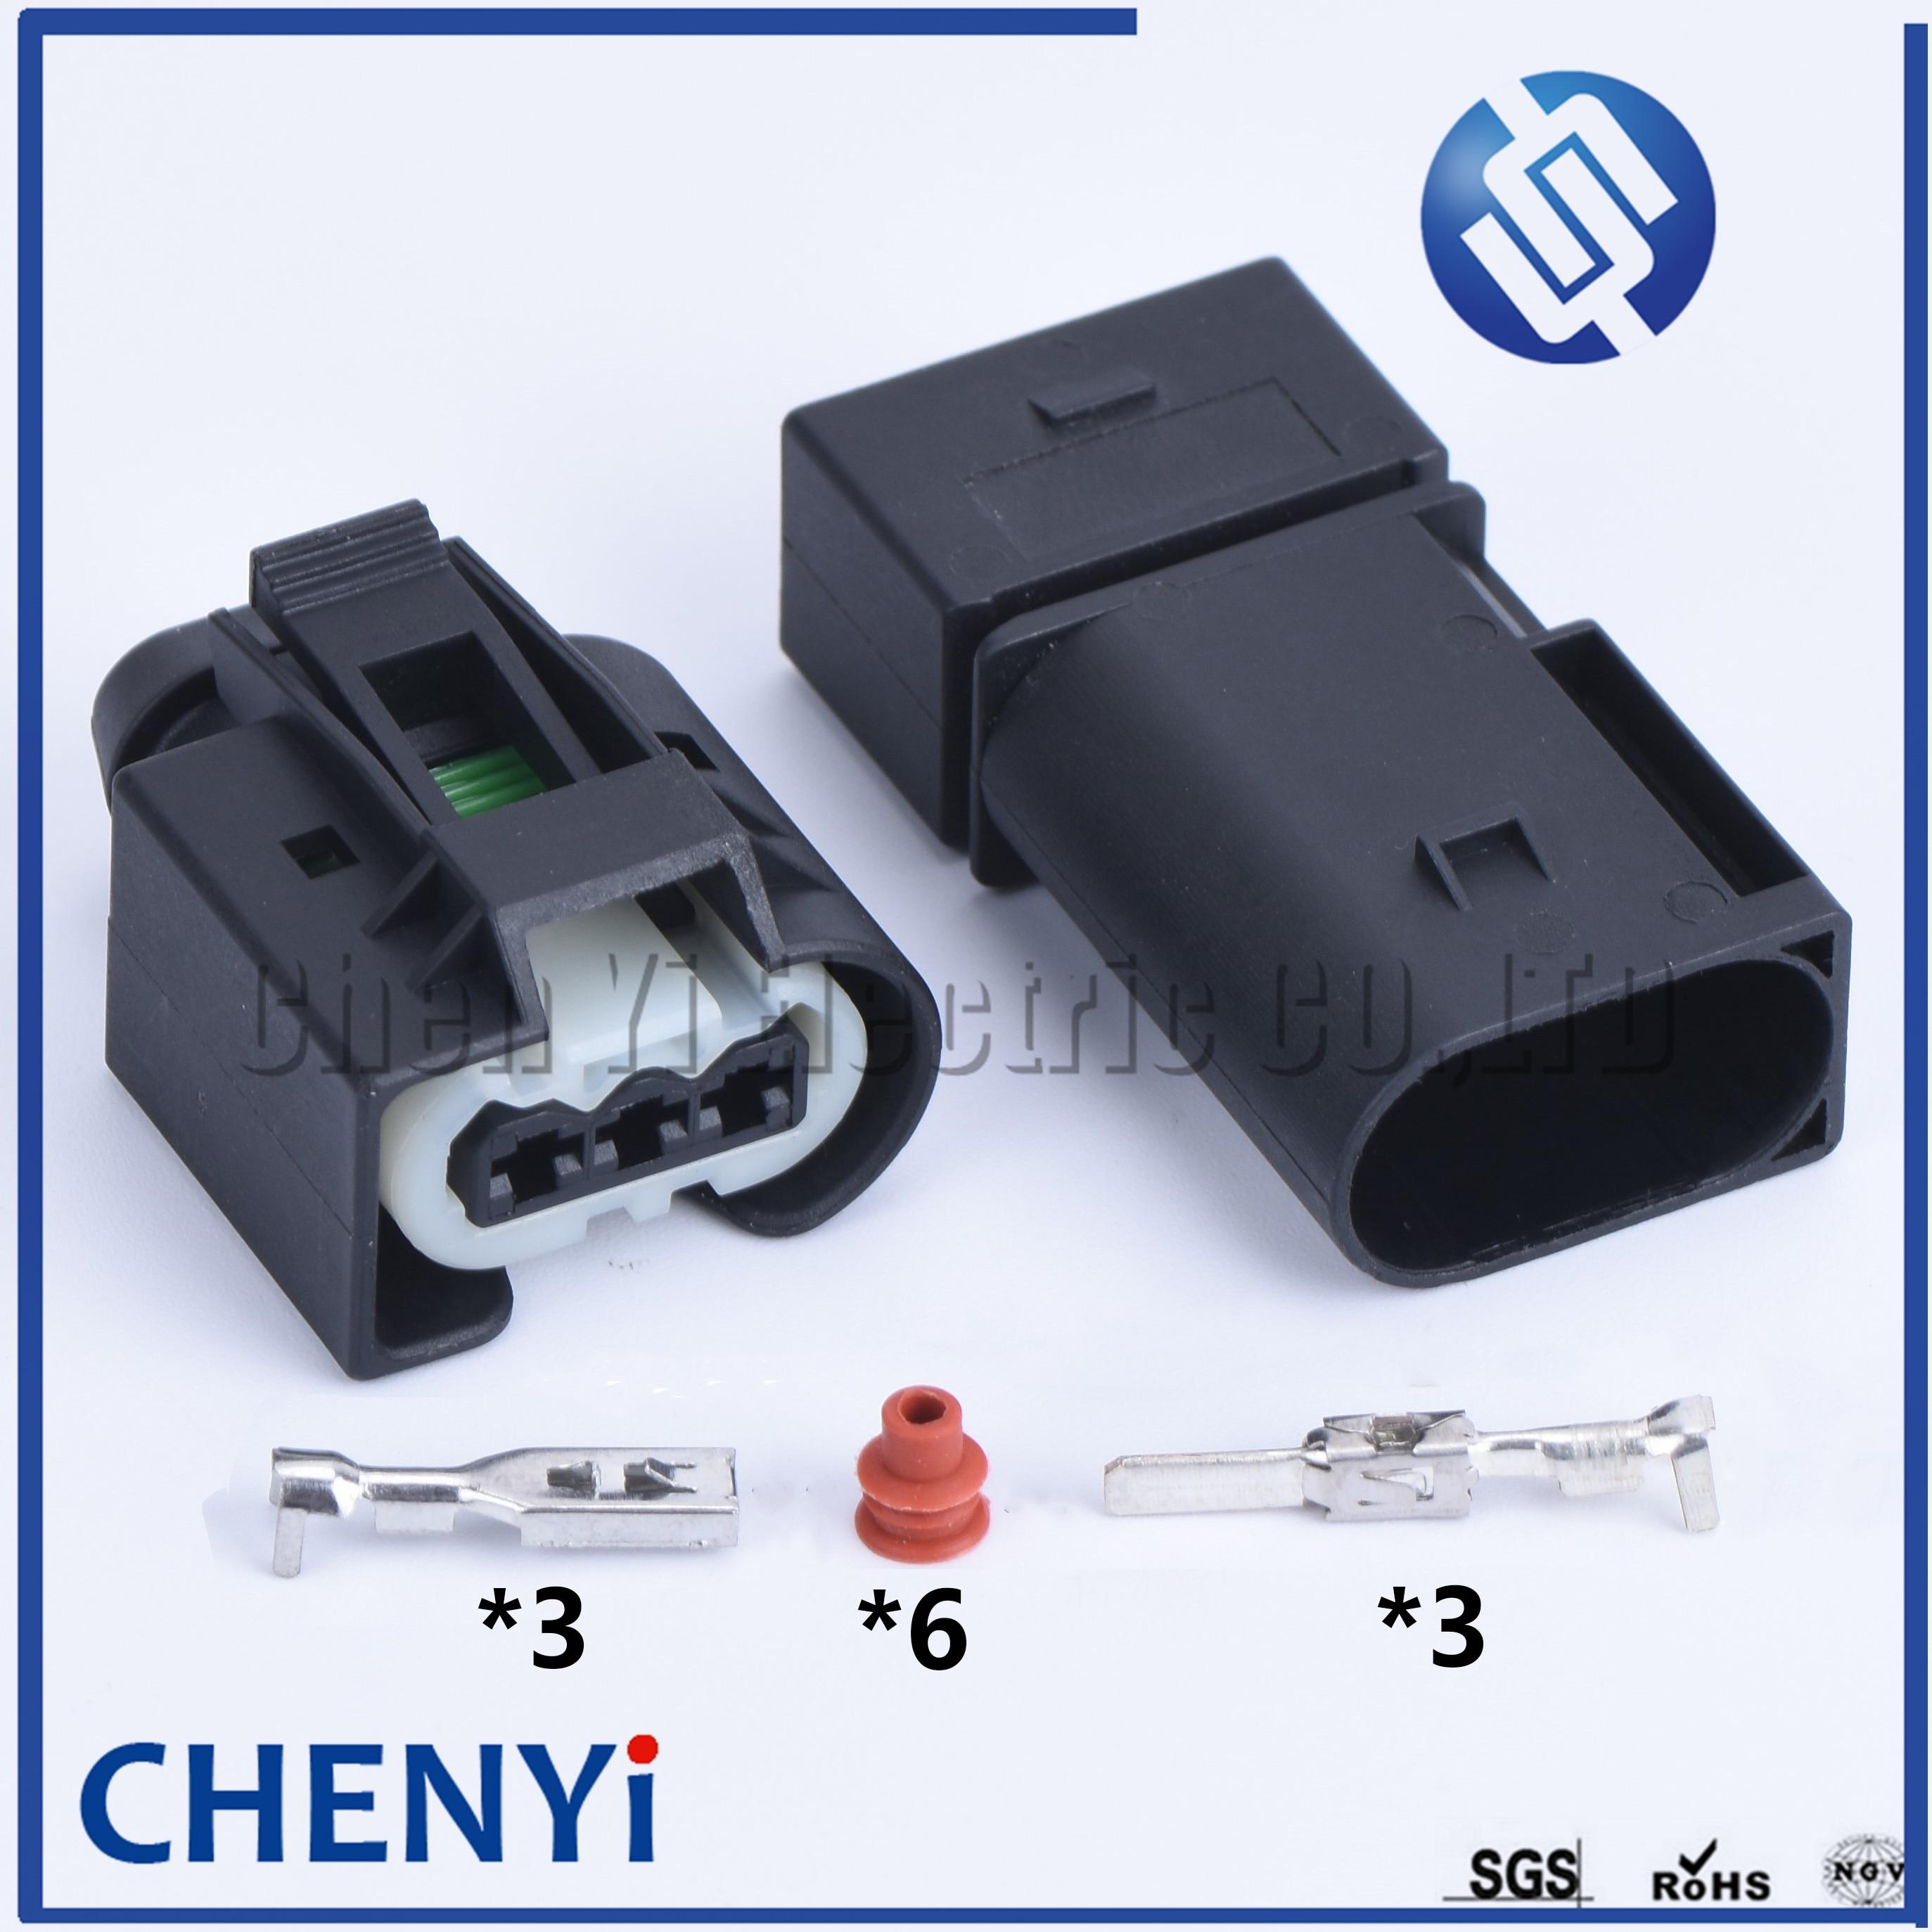 1 комплект, 3-контактный штекер Kostal 09-4413-91, датчик коленчатого вала, разъем инжектора для Benz 09441391 с белым зажимом